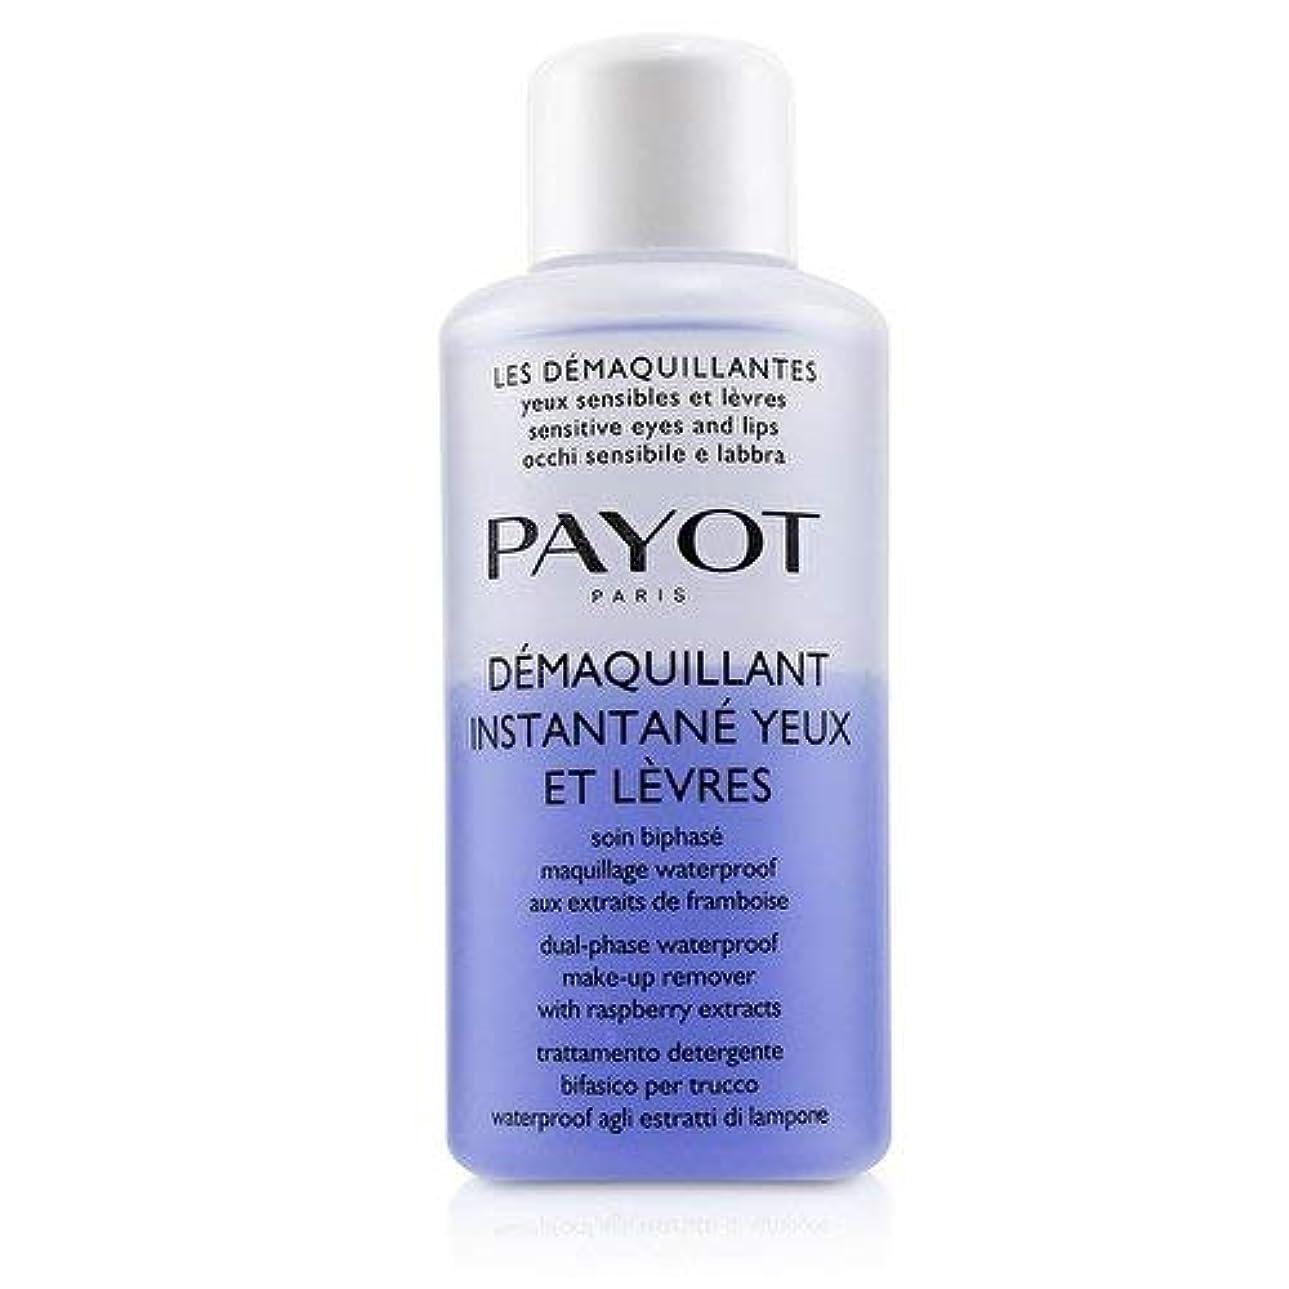 韻テメリティ漏れパイヨ Les Demaquillantes Demaquillant Instantane Yeux Dual-Phase Waterproof Make-Up Remover - For Sensitive Eyes...